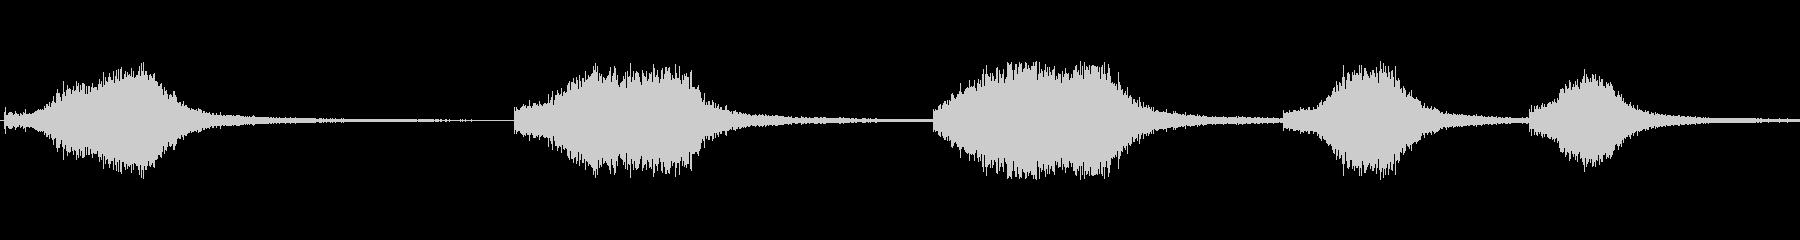 ヒューシュフランジエアーマルチプルhの未再生の波形